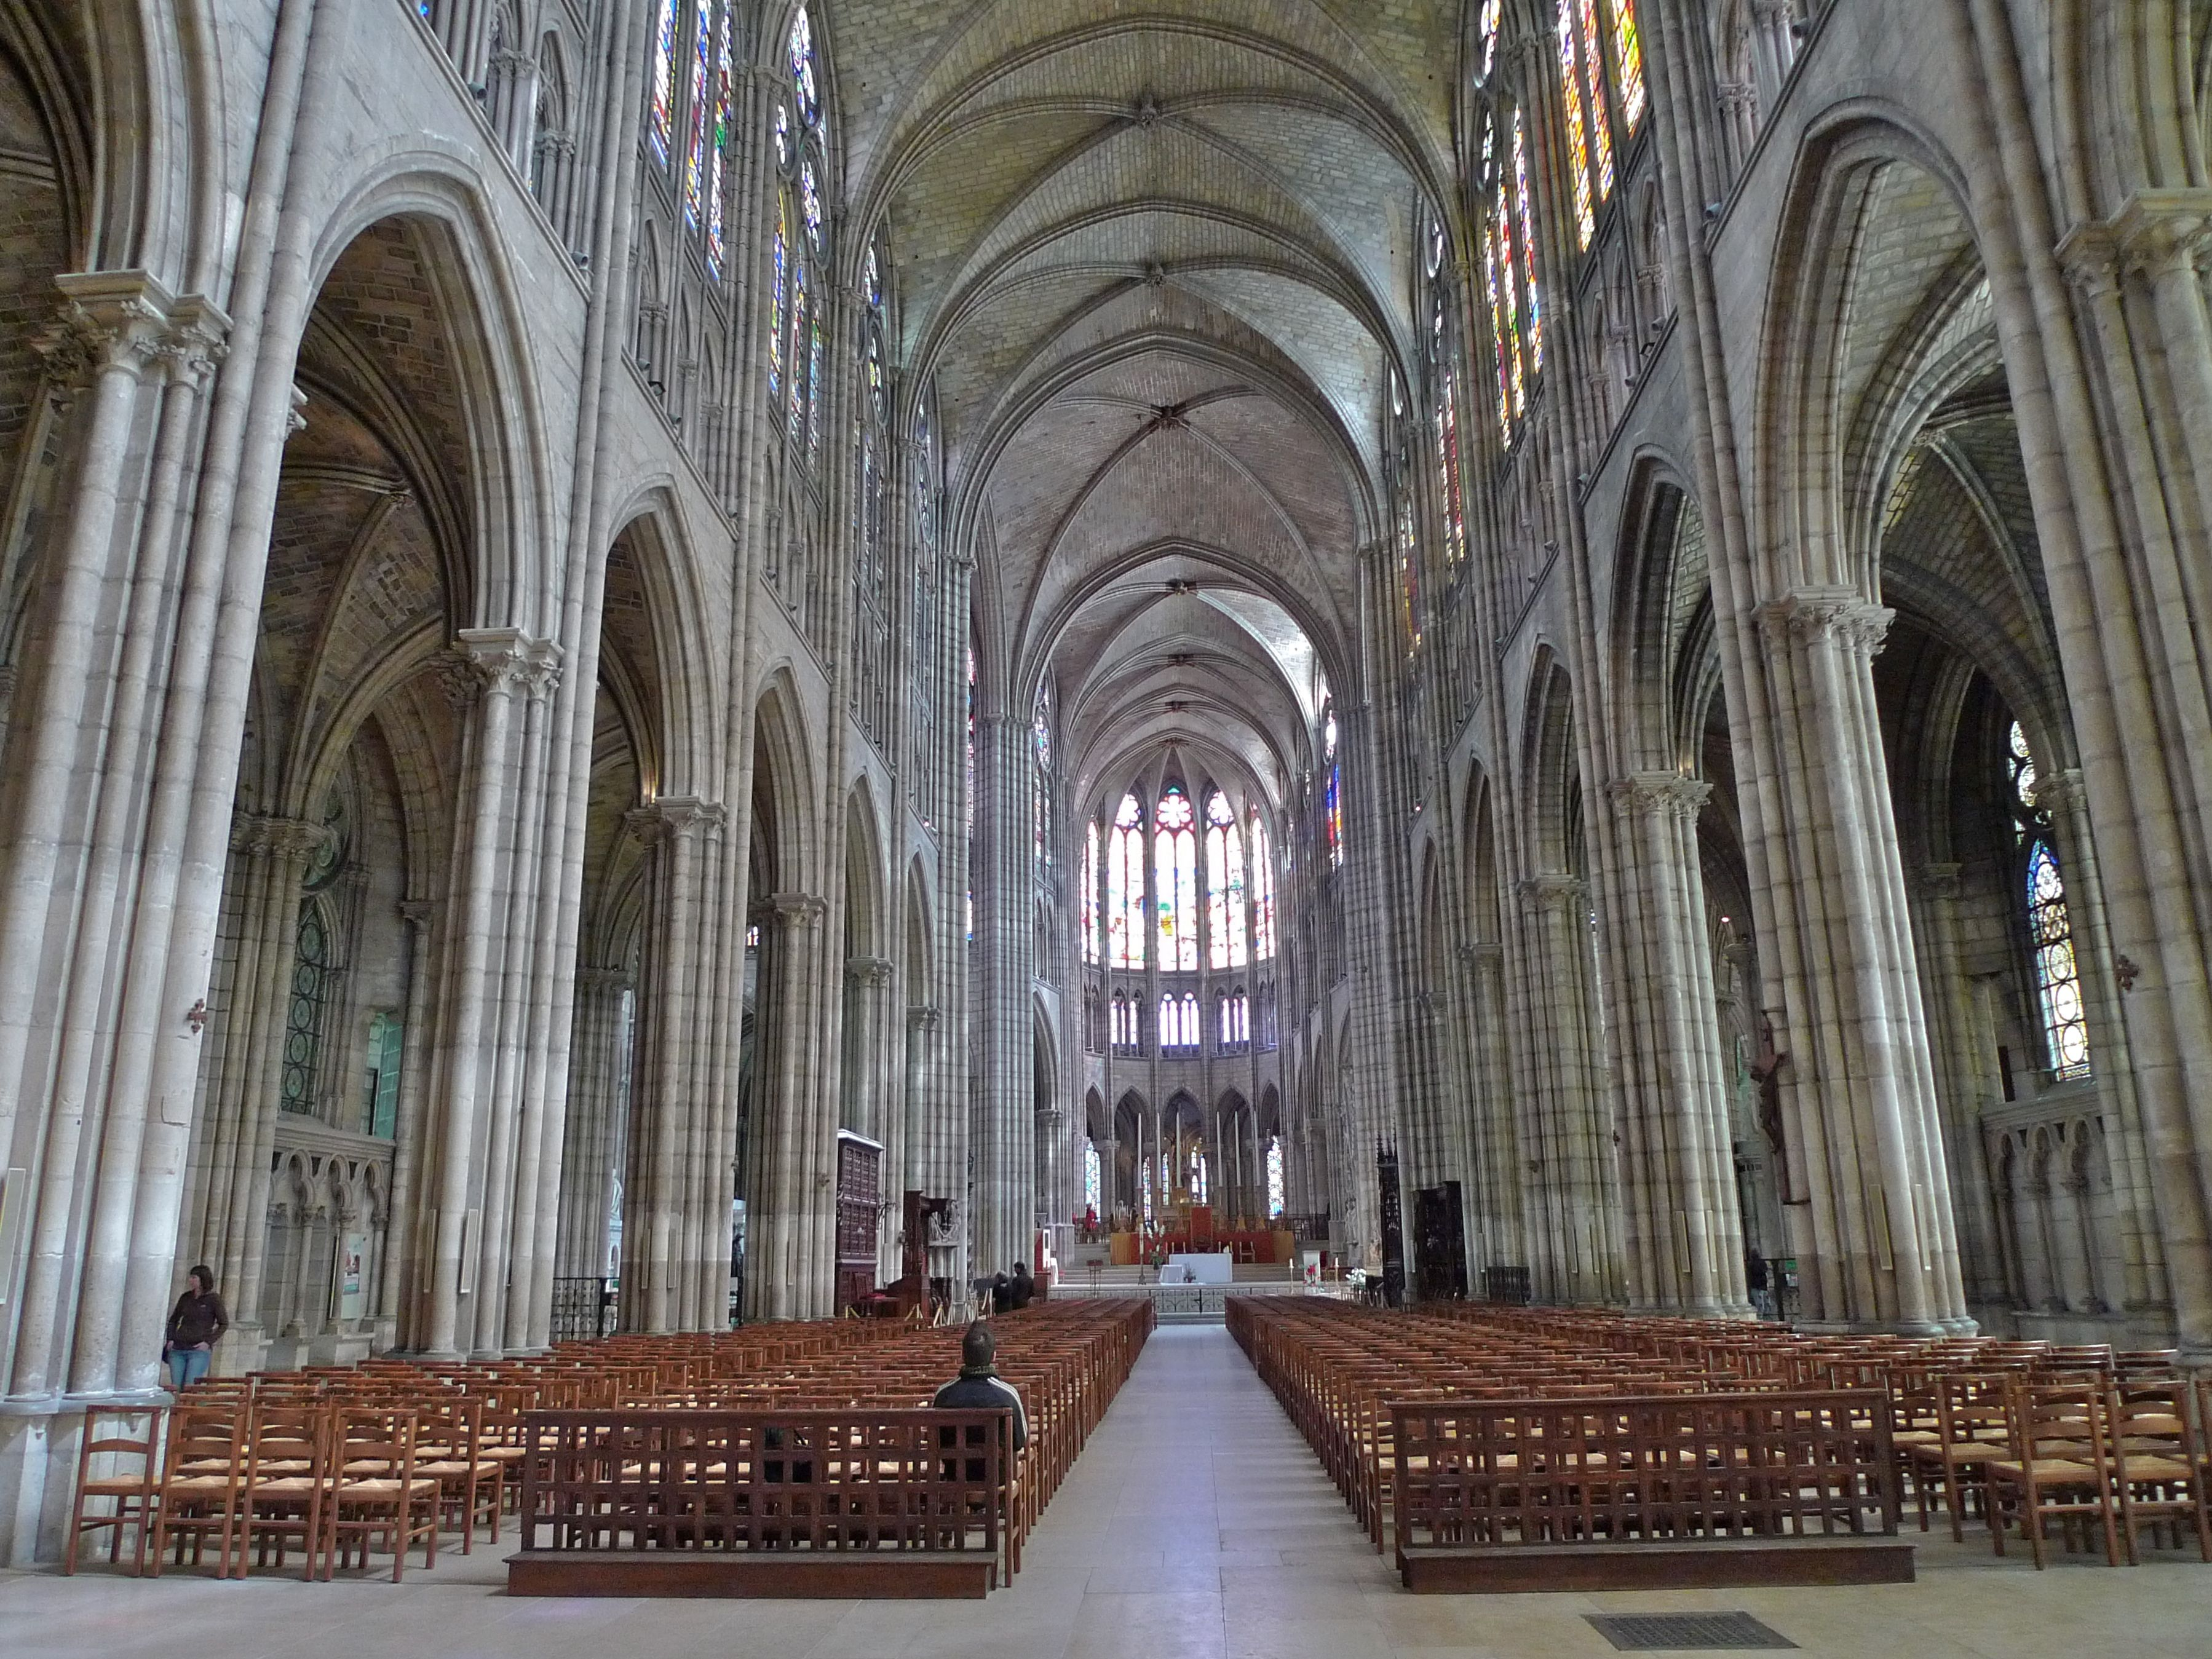 Construções com arquitetura gótica